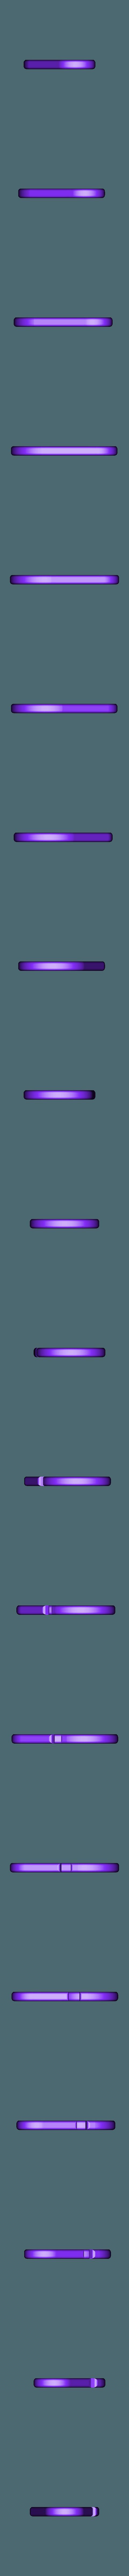 Gancho.stl Télécharger fichier STL gratuit Crochet • Plan pour impression 3D, GGeorgeL